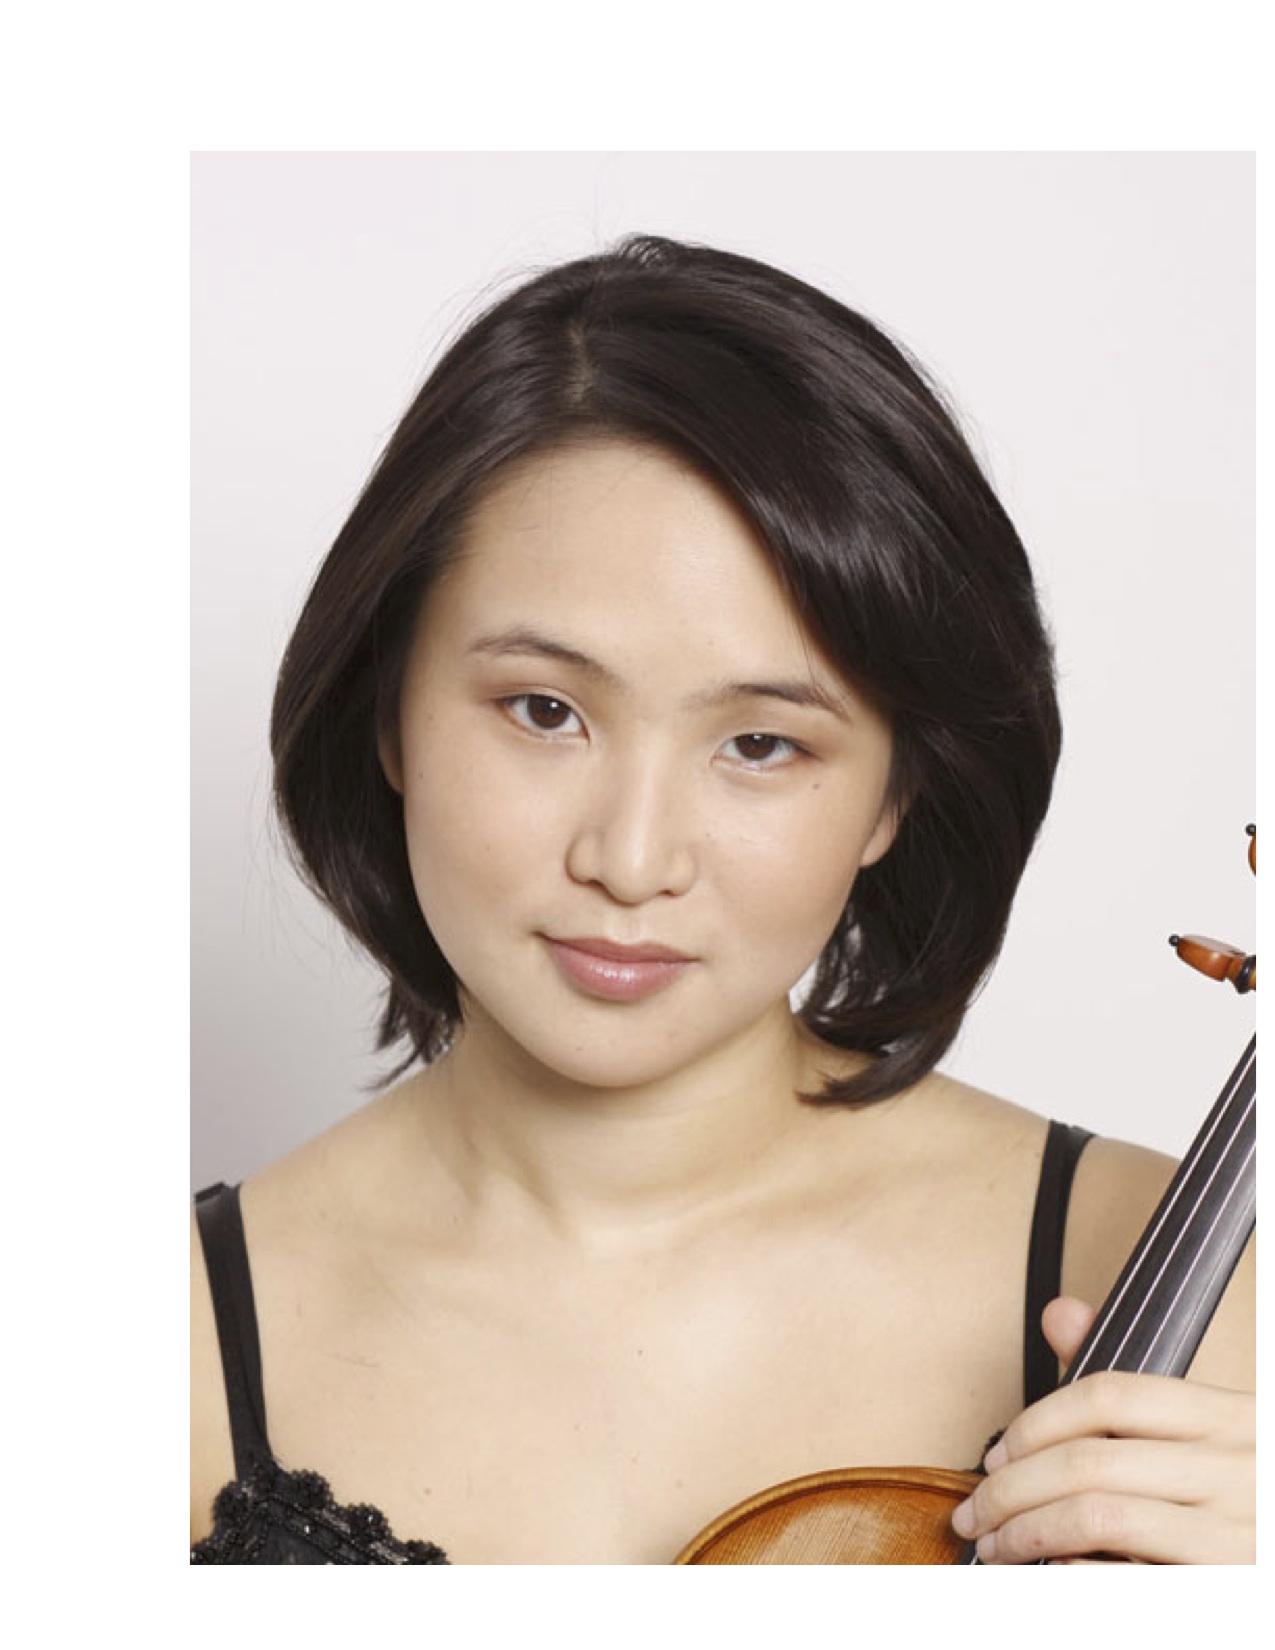 Kim Mai Nguyen